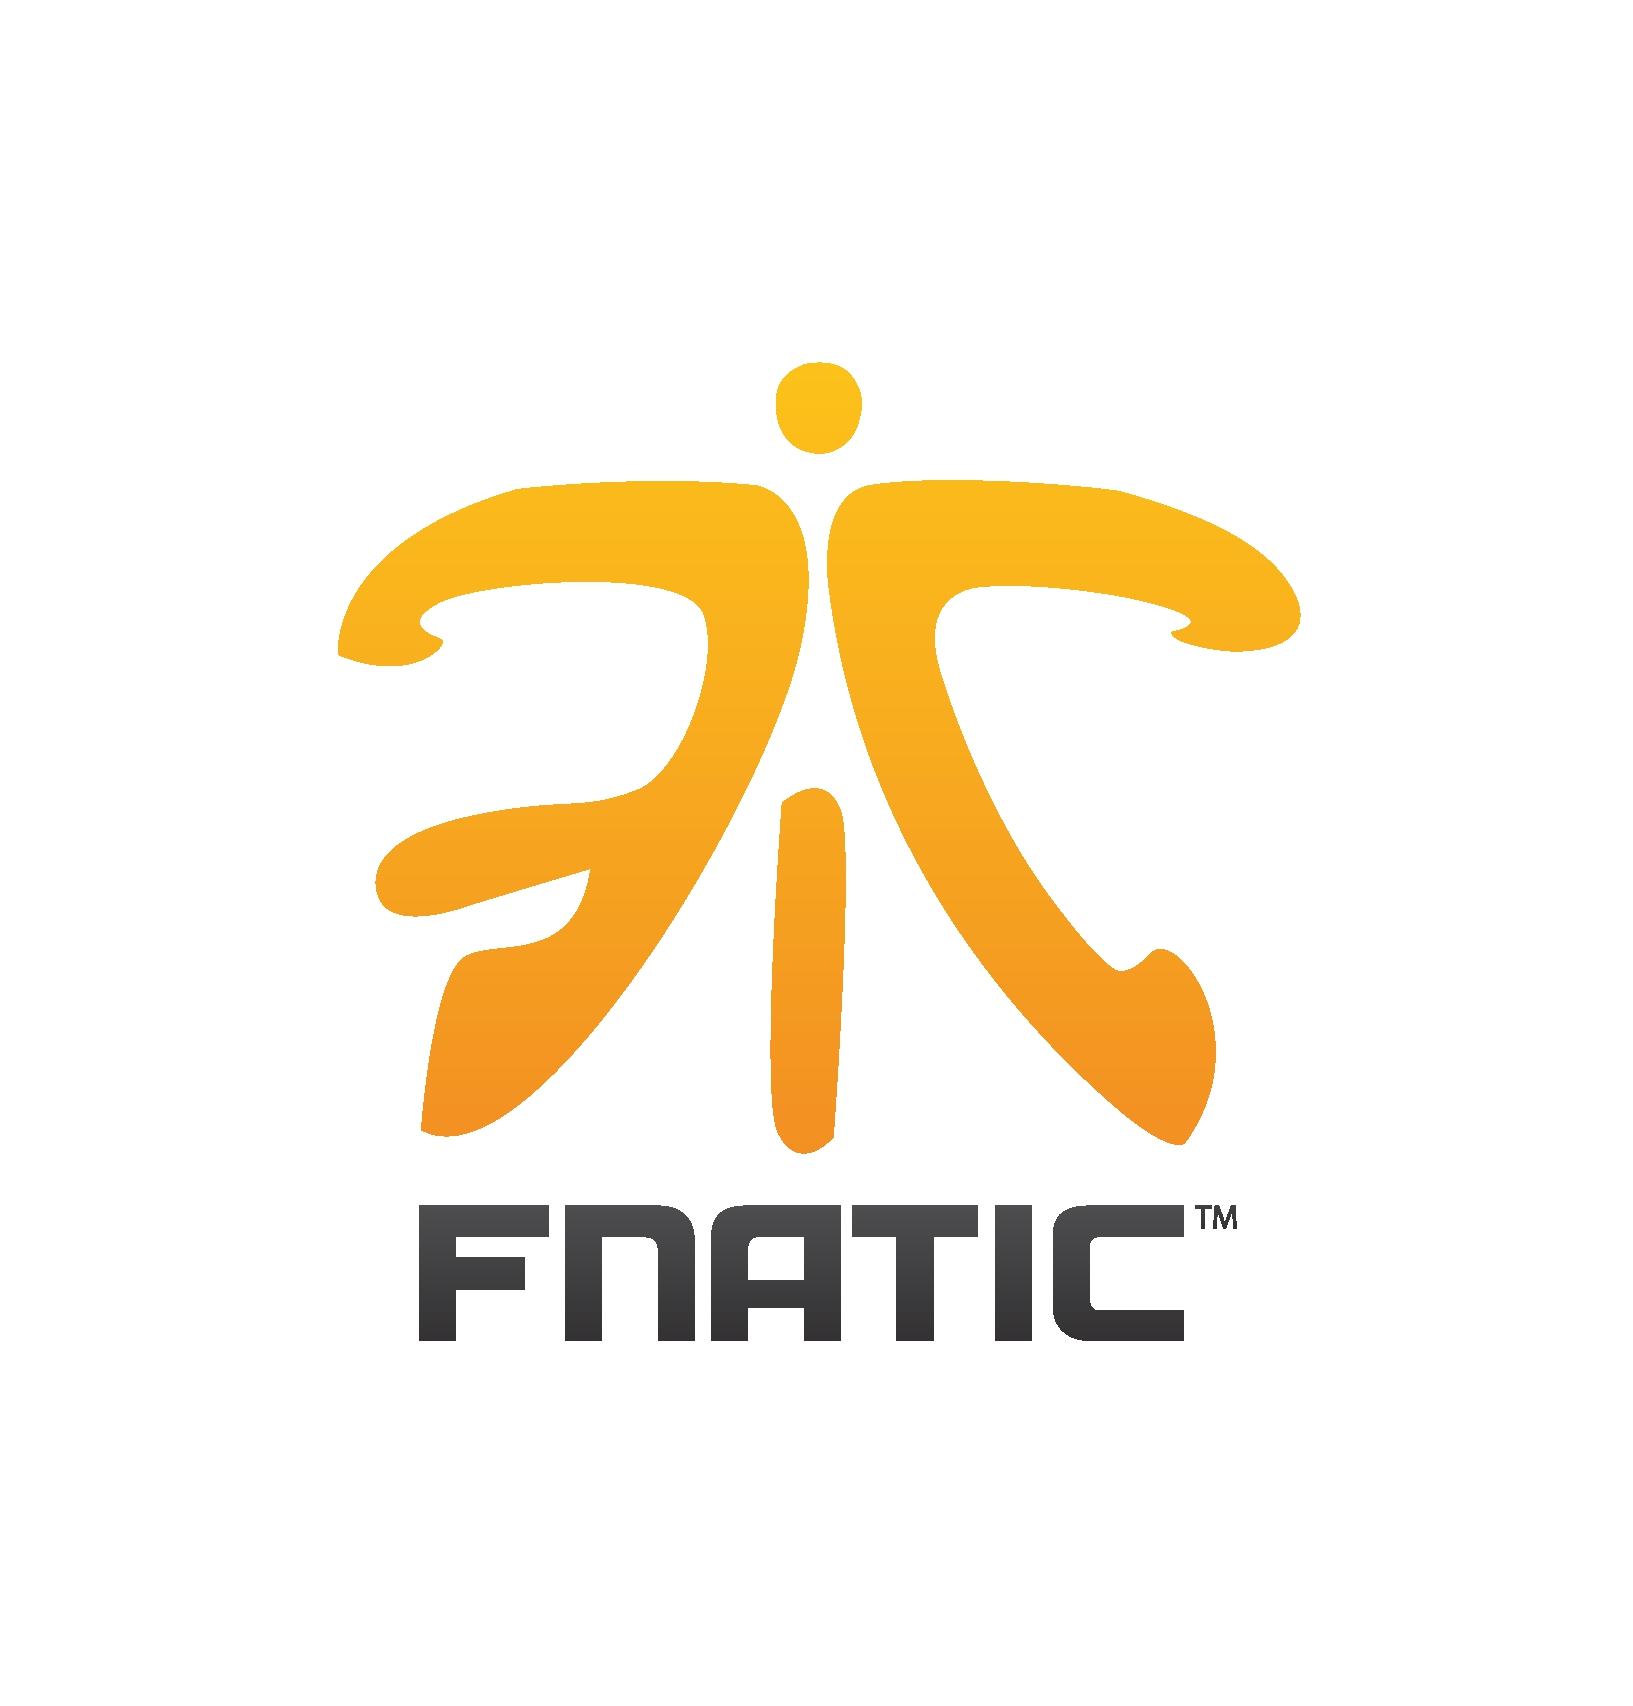 Világbajnokság csapatbemutató: Fnatic